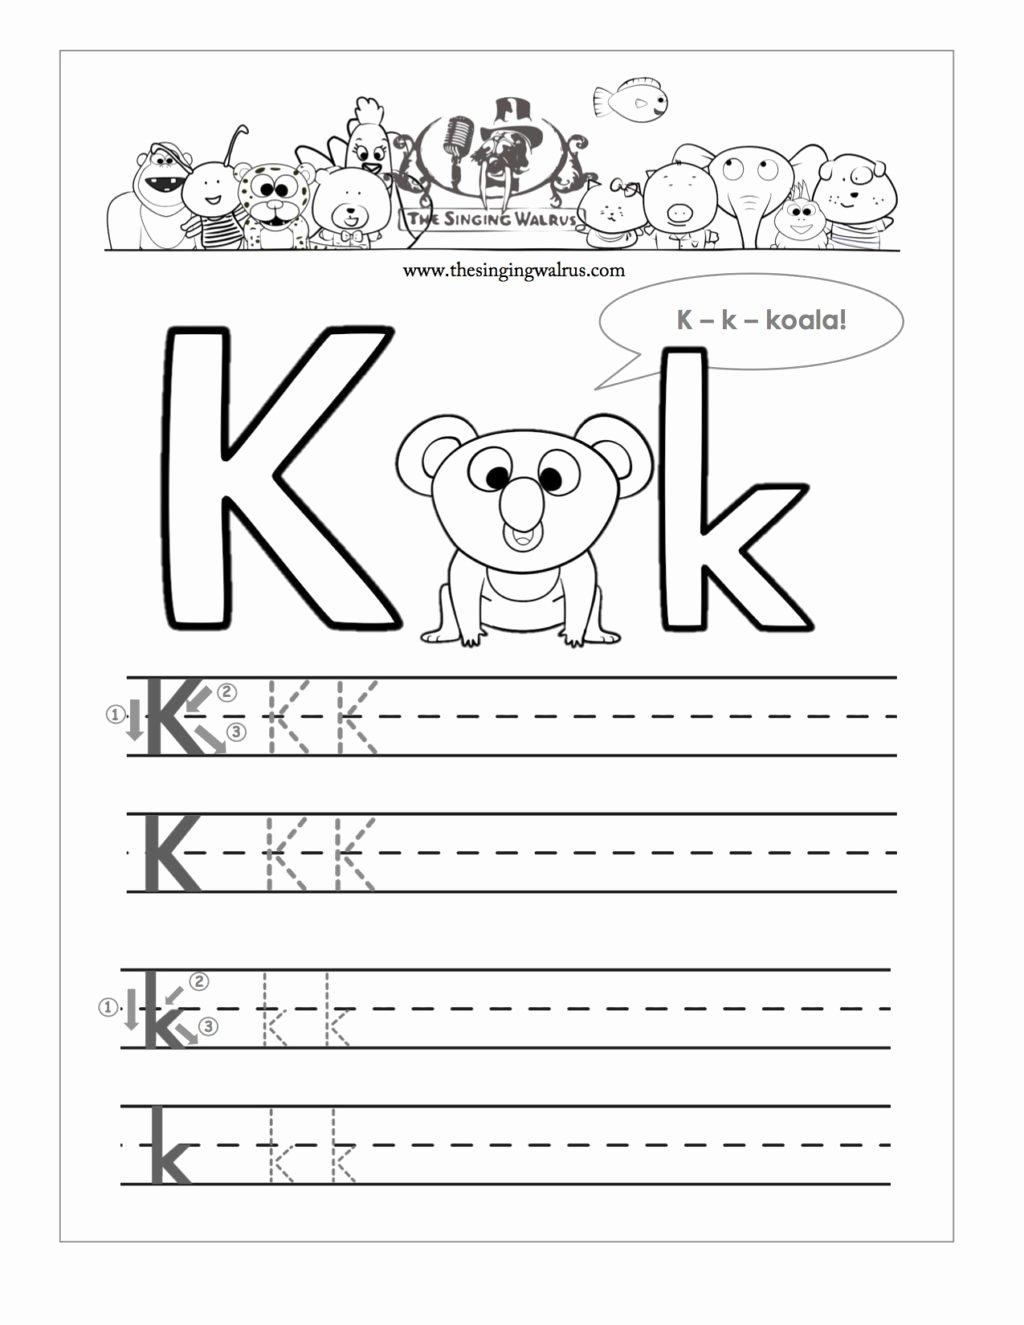 Letter K Worksheets for Preschoolers Awesome Worksheet Free Printable Letter K Barka Fantastic